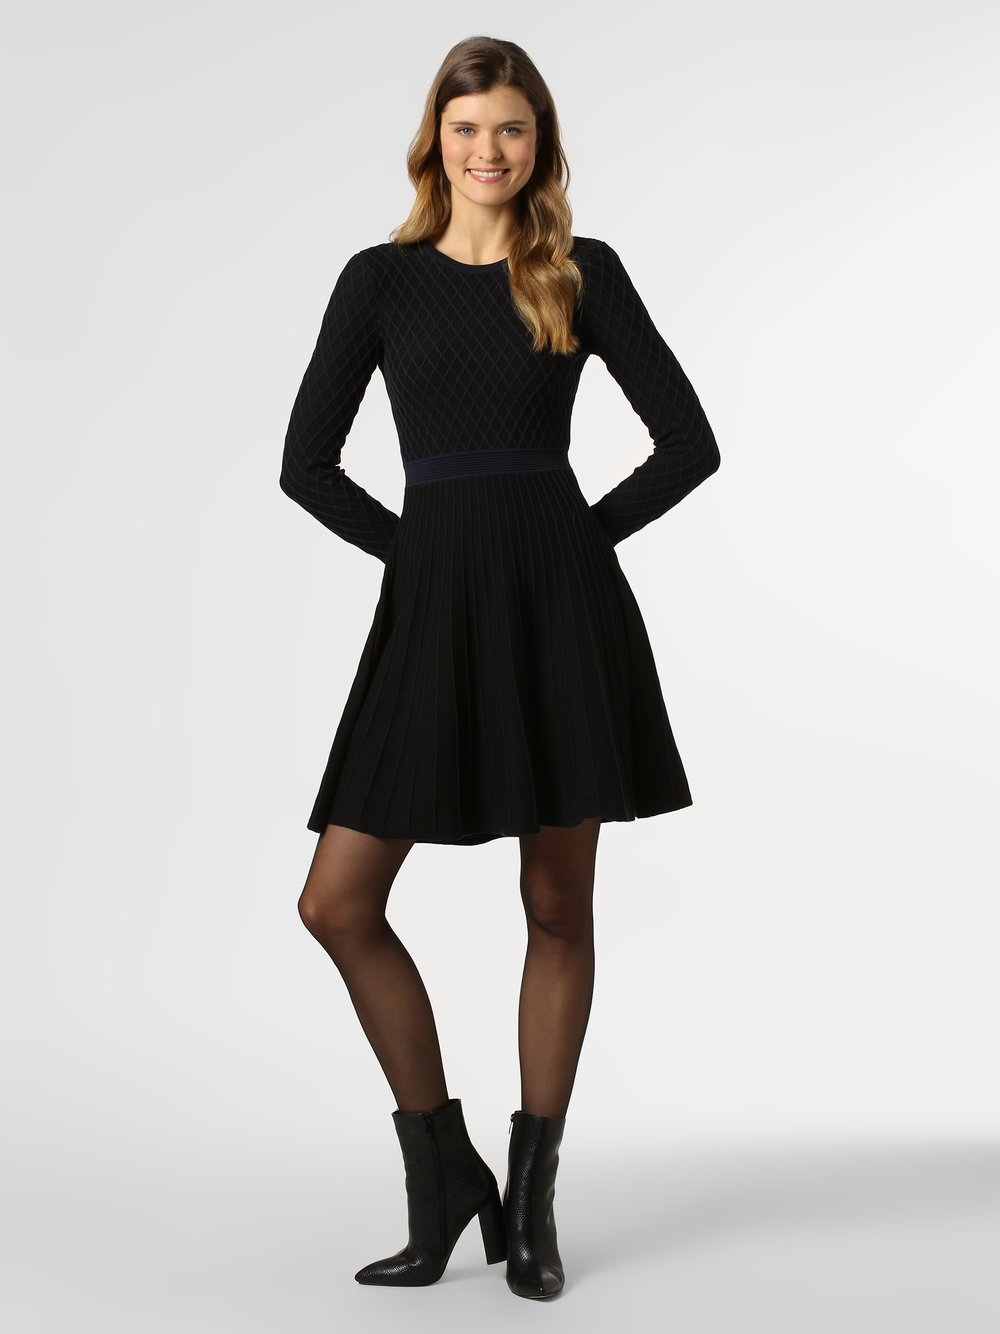 BOSS Casual - Sukienka damska z domieszką jedwabiu – Wedressy, niebieski BOSS